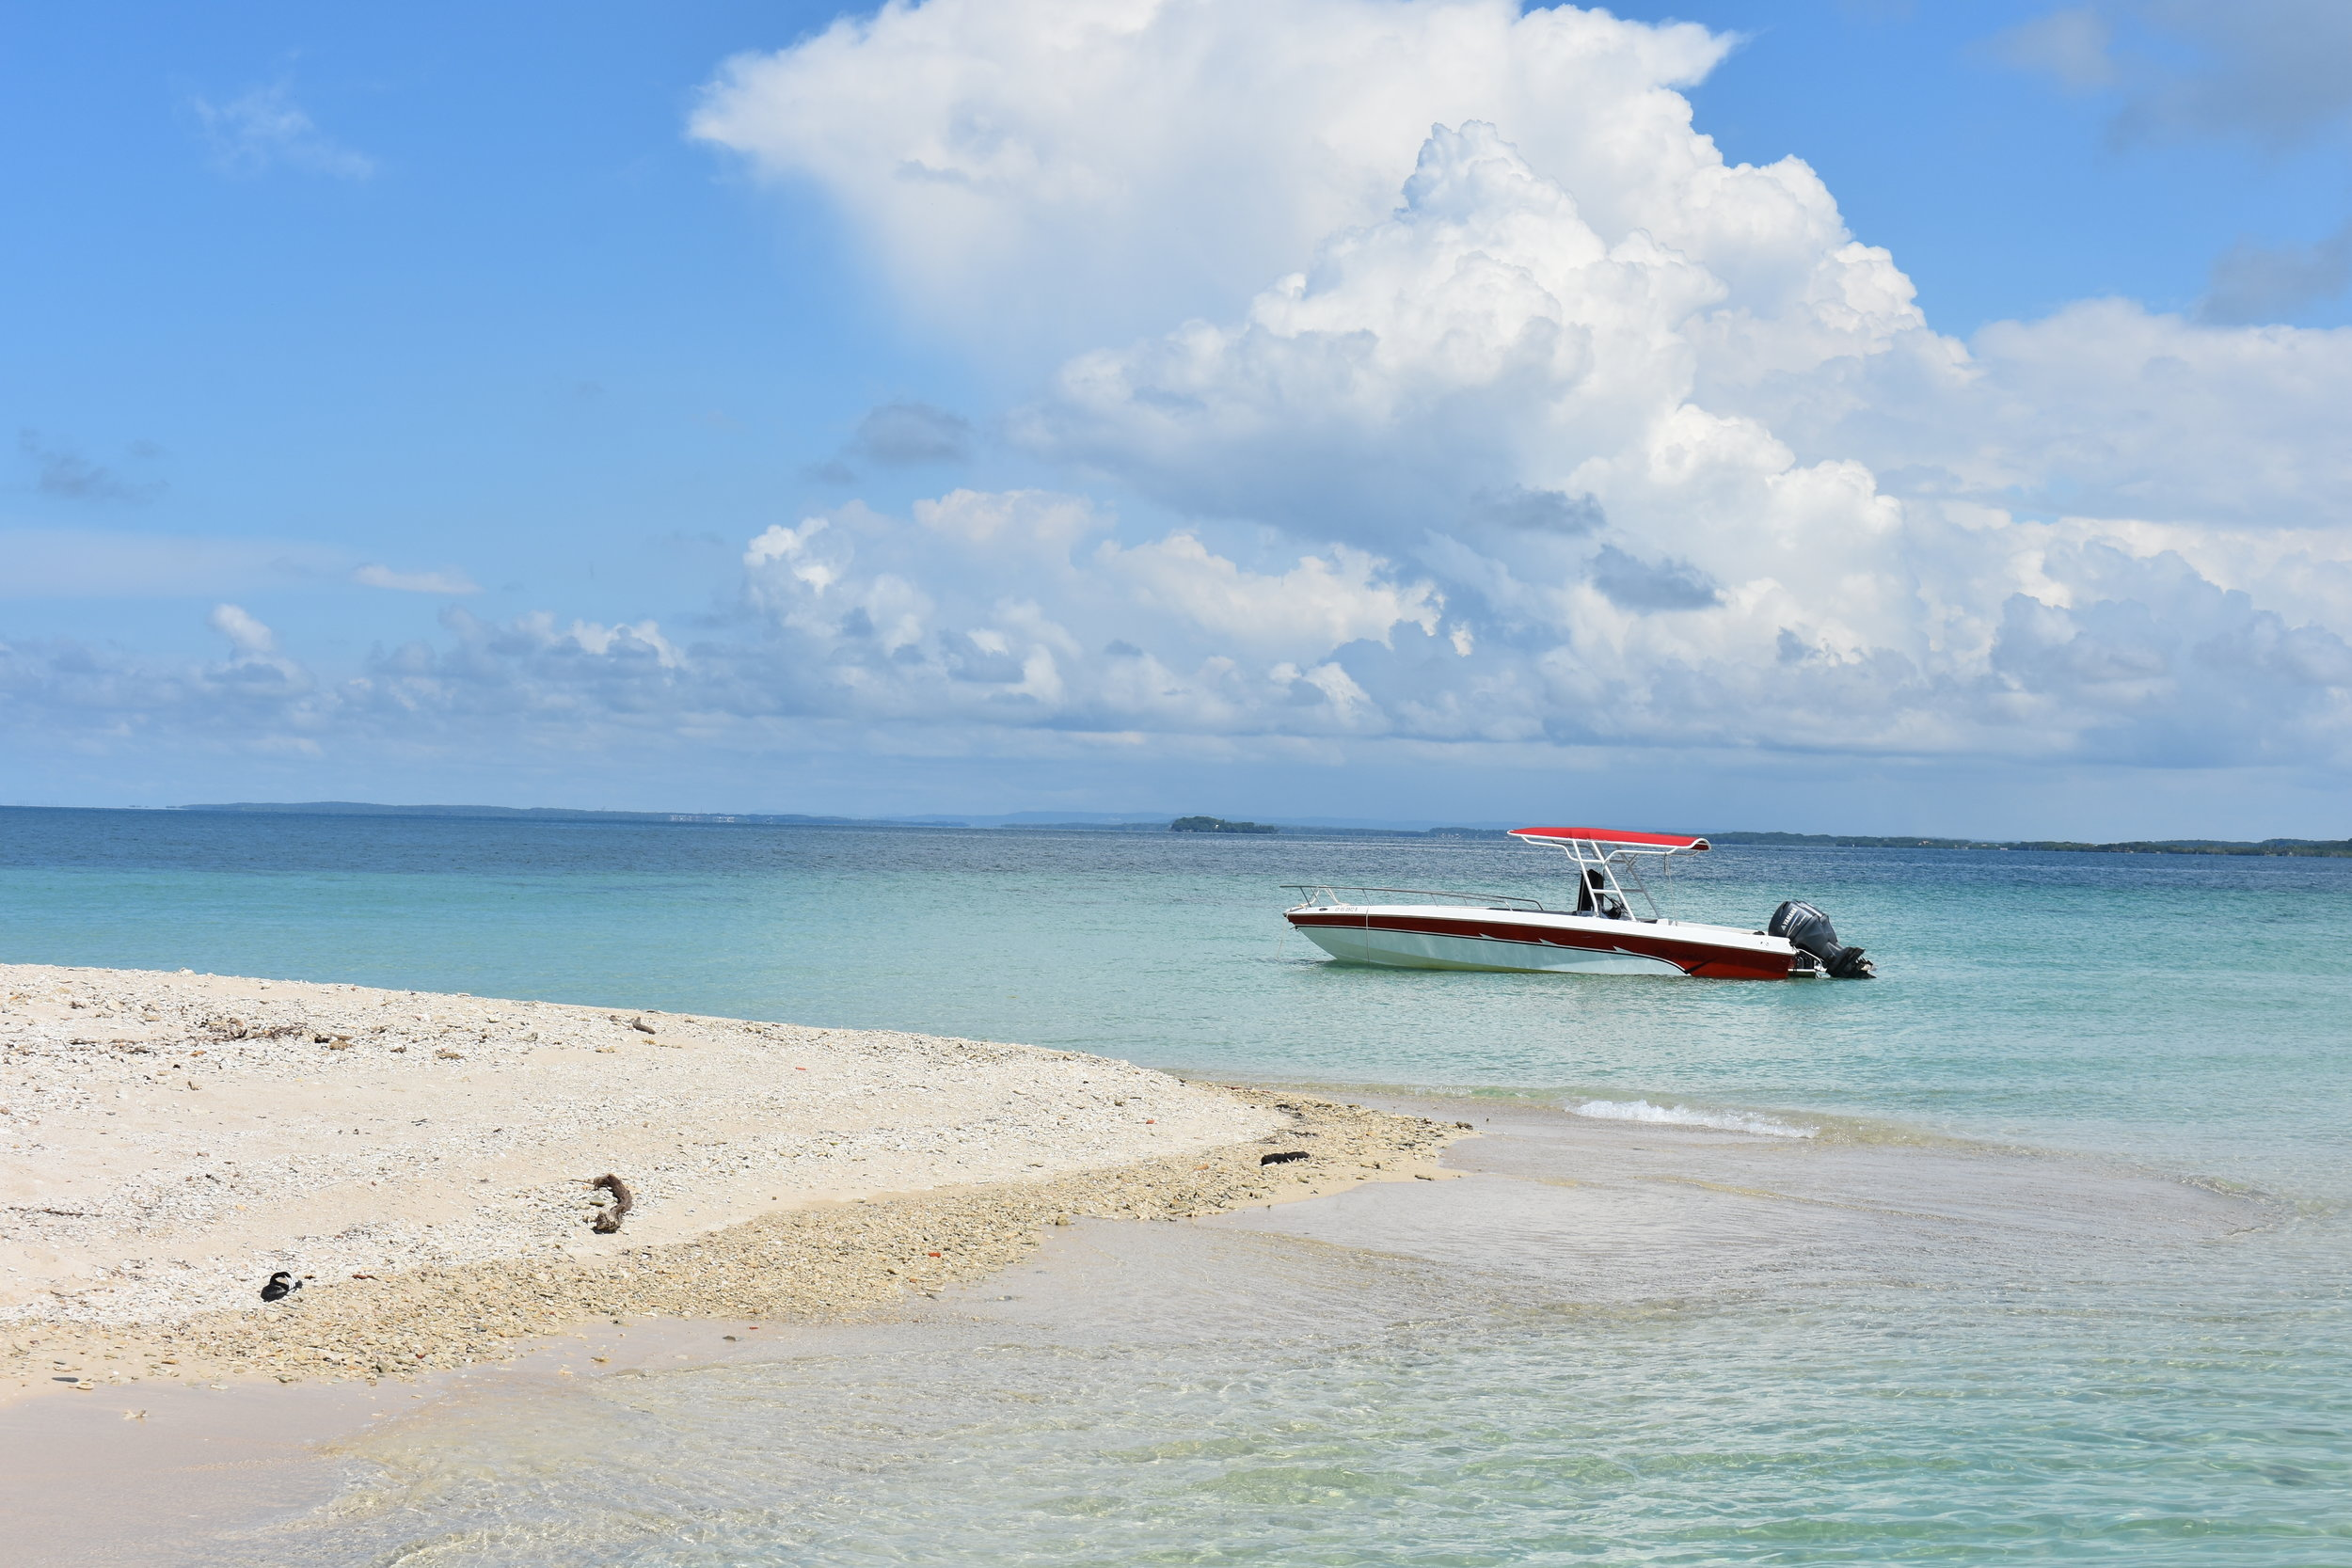 Bendita Beach, fica 20 minutos de barco da Isla Grande e tem areia branca e águas claras